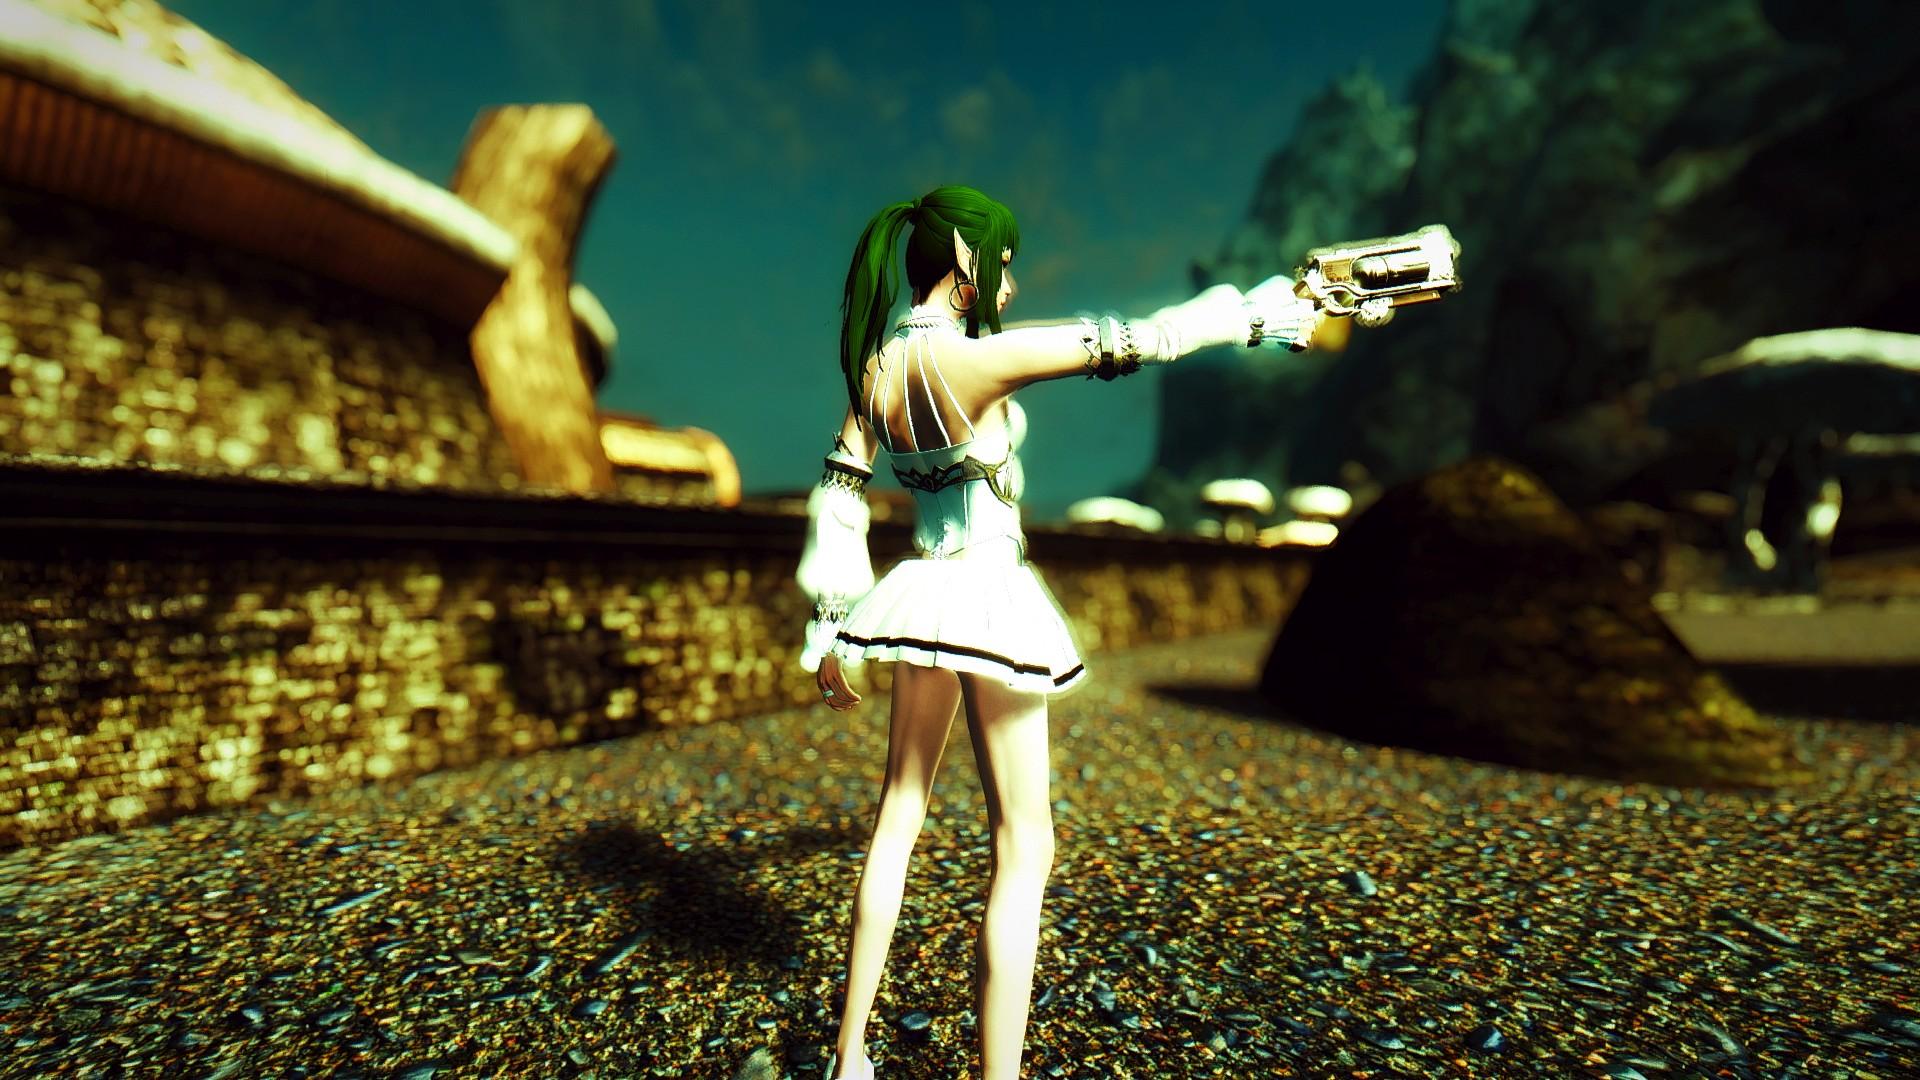 Monster Hunter.jpg - The Elder Scrolls 5: Skyrim